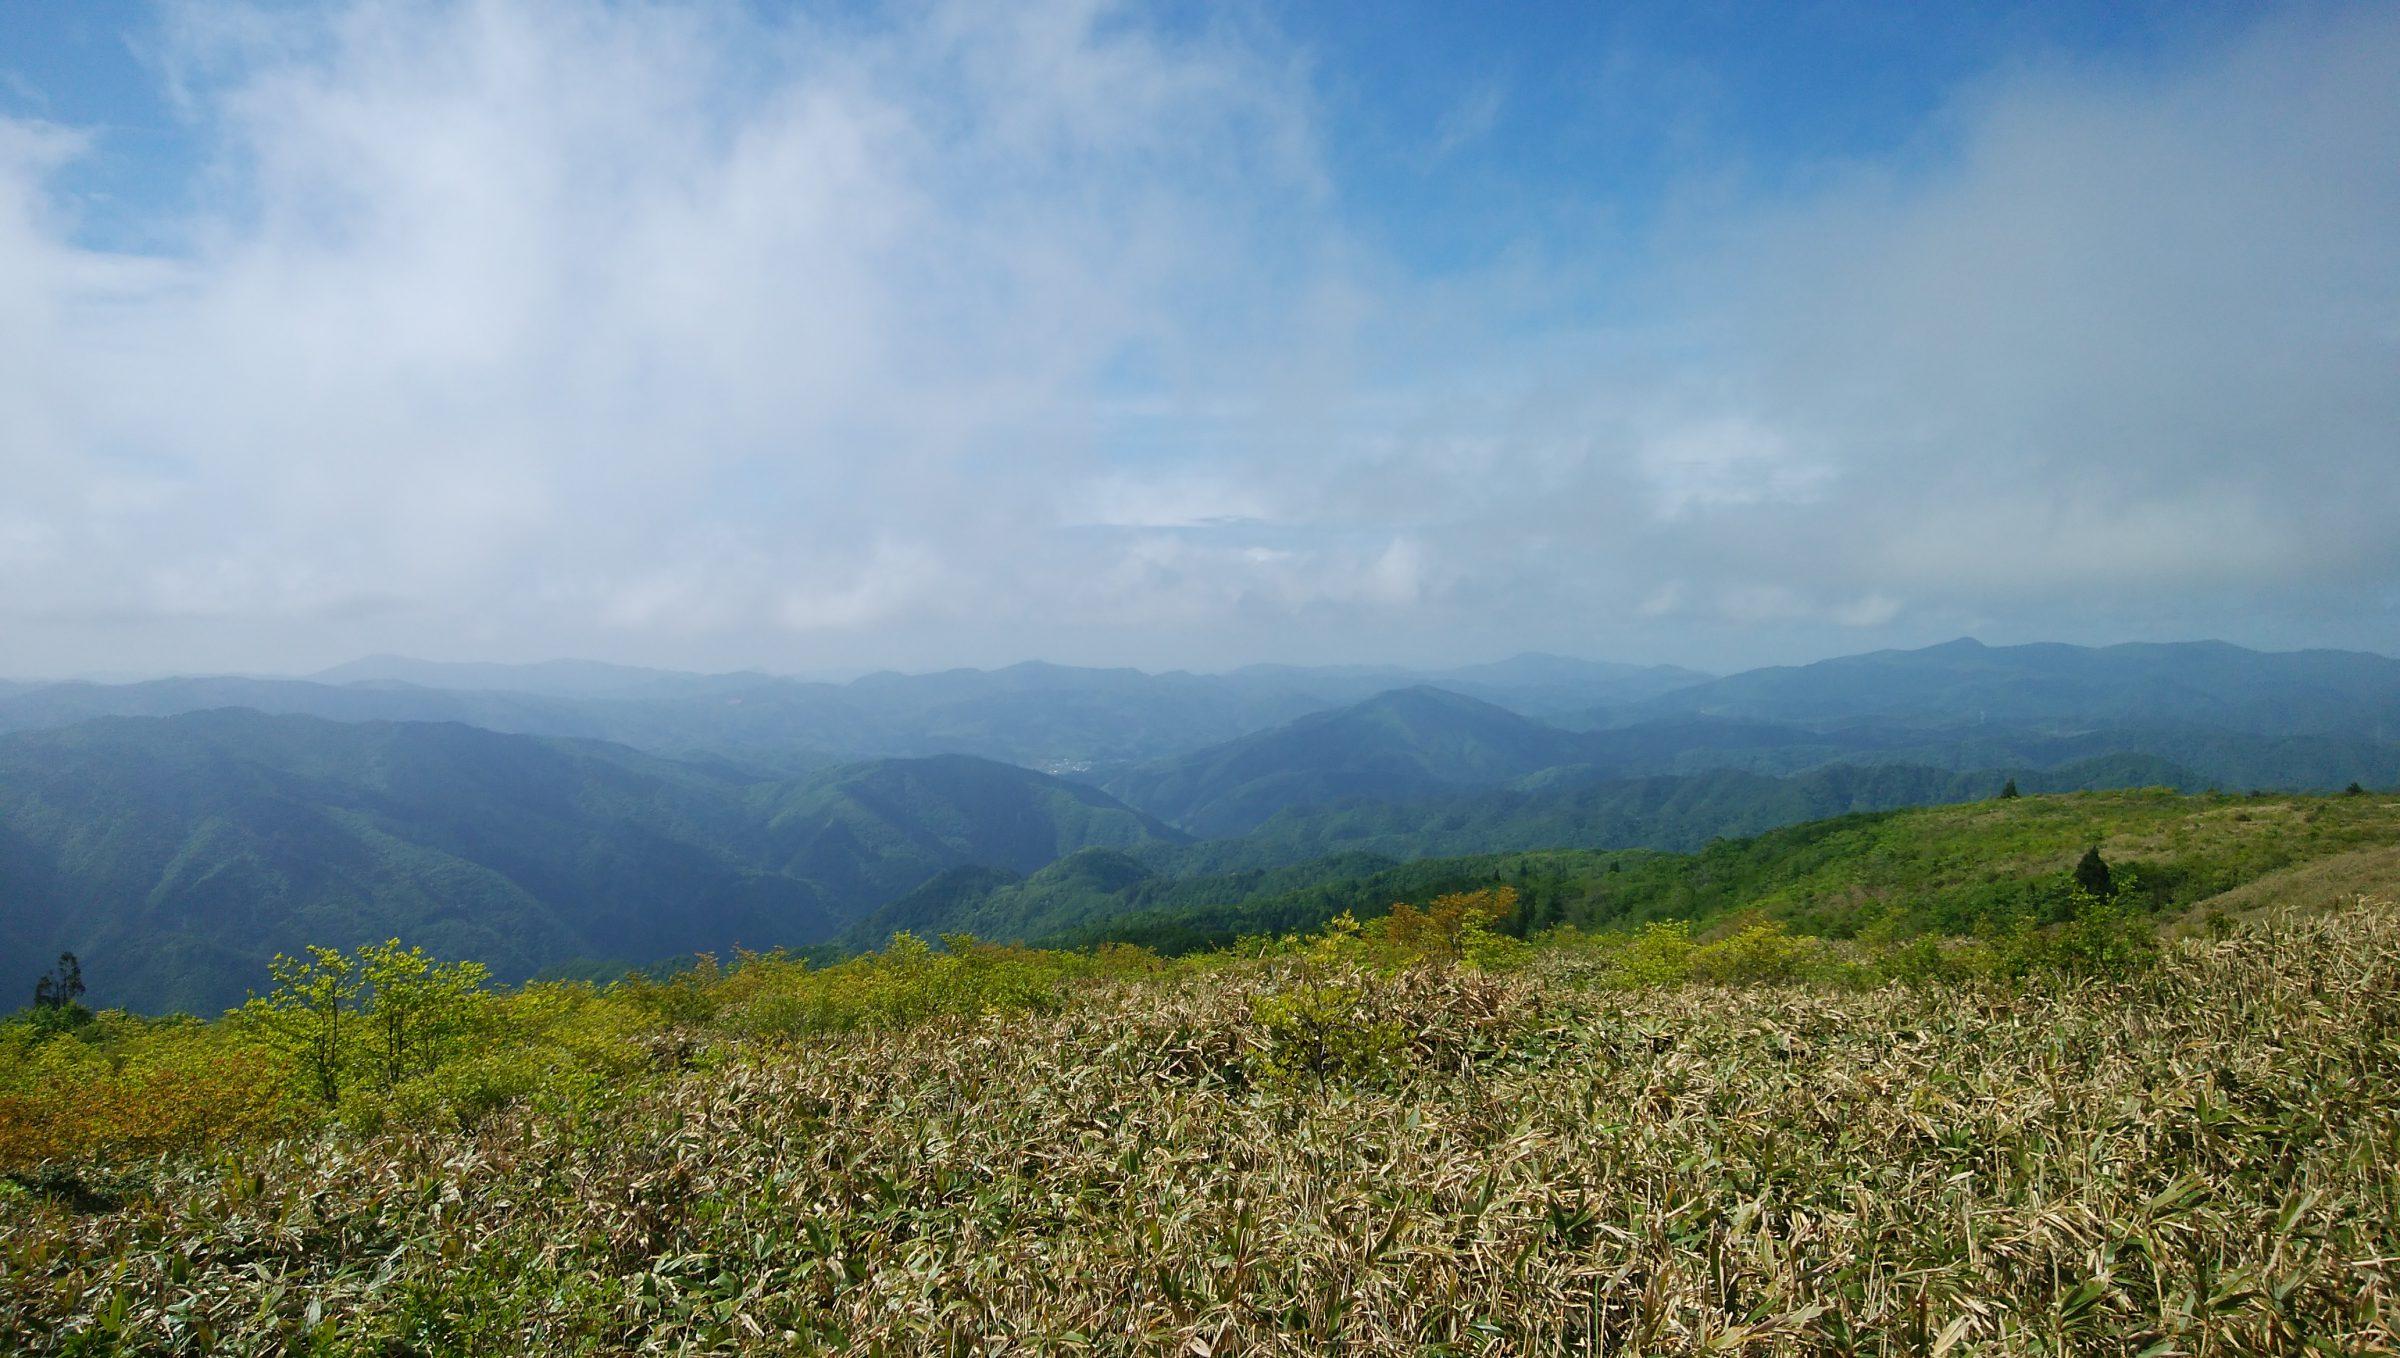 果てしなく緑の山々が連なる中国山地が舞台